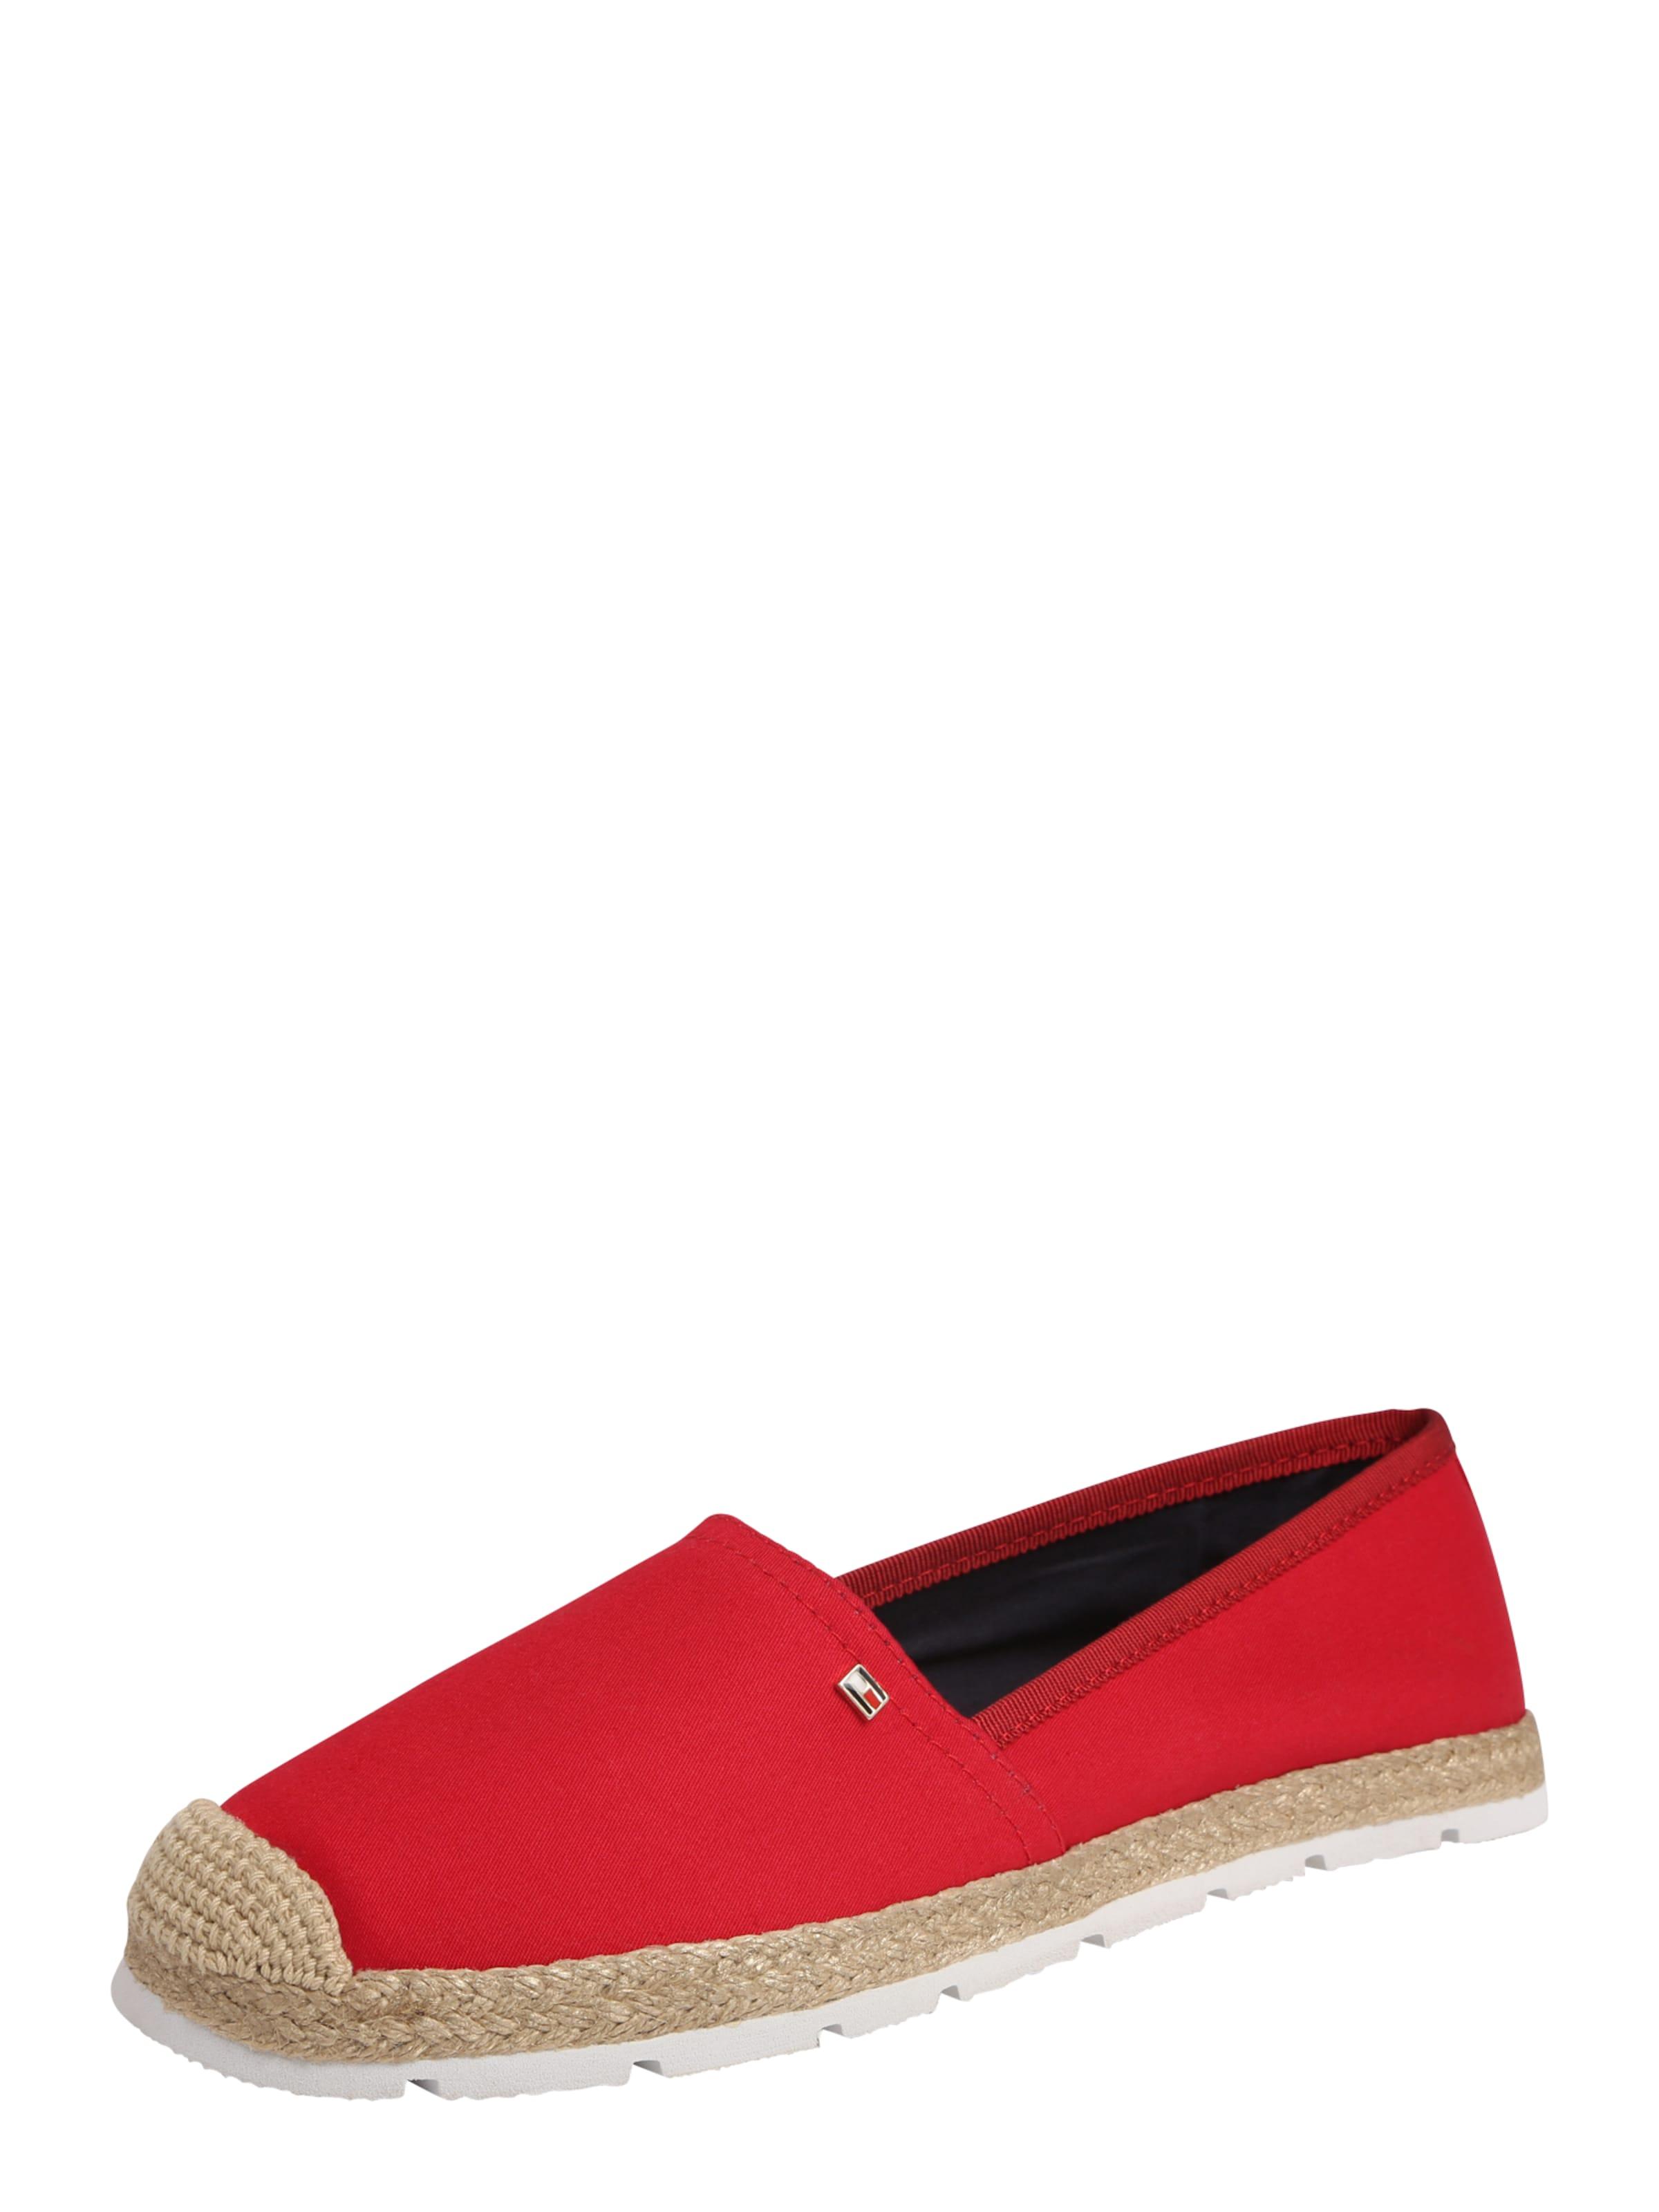 TOMMY HILFIGER Espadrille Verschleißfeste billige Schuhe